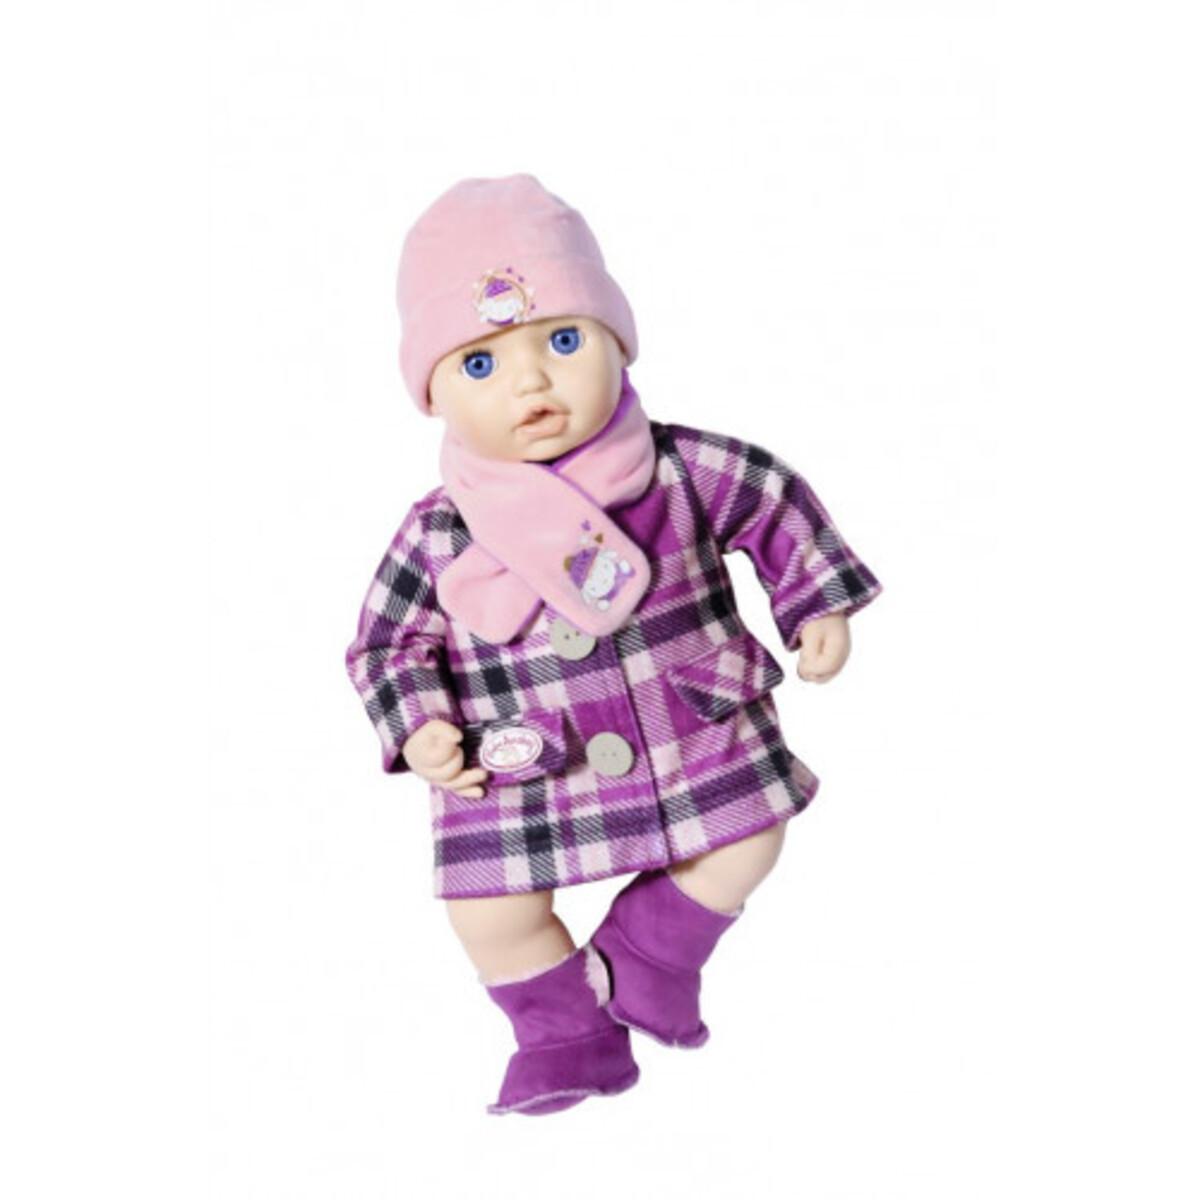 Bild 2 von Baby Annabell Deluxe Mantel 43cm